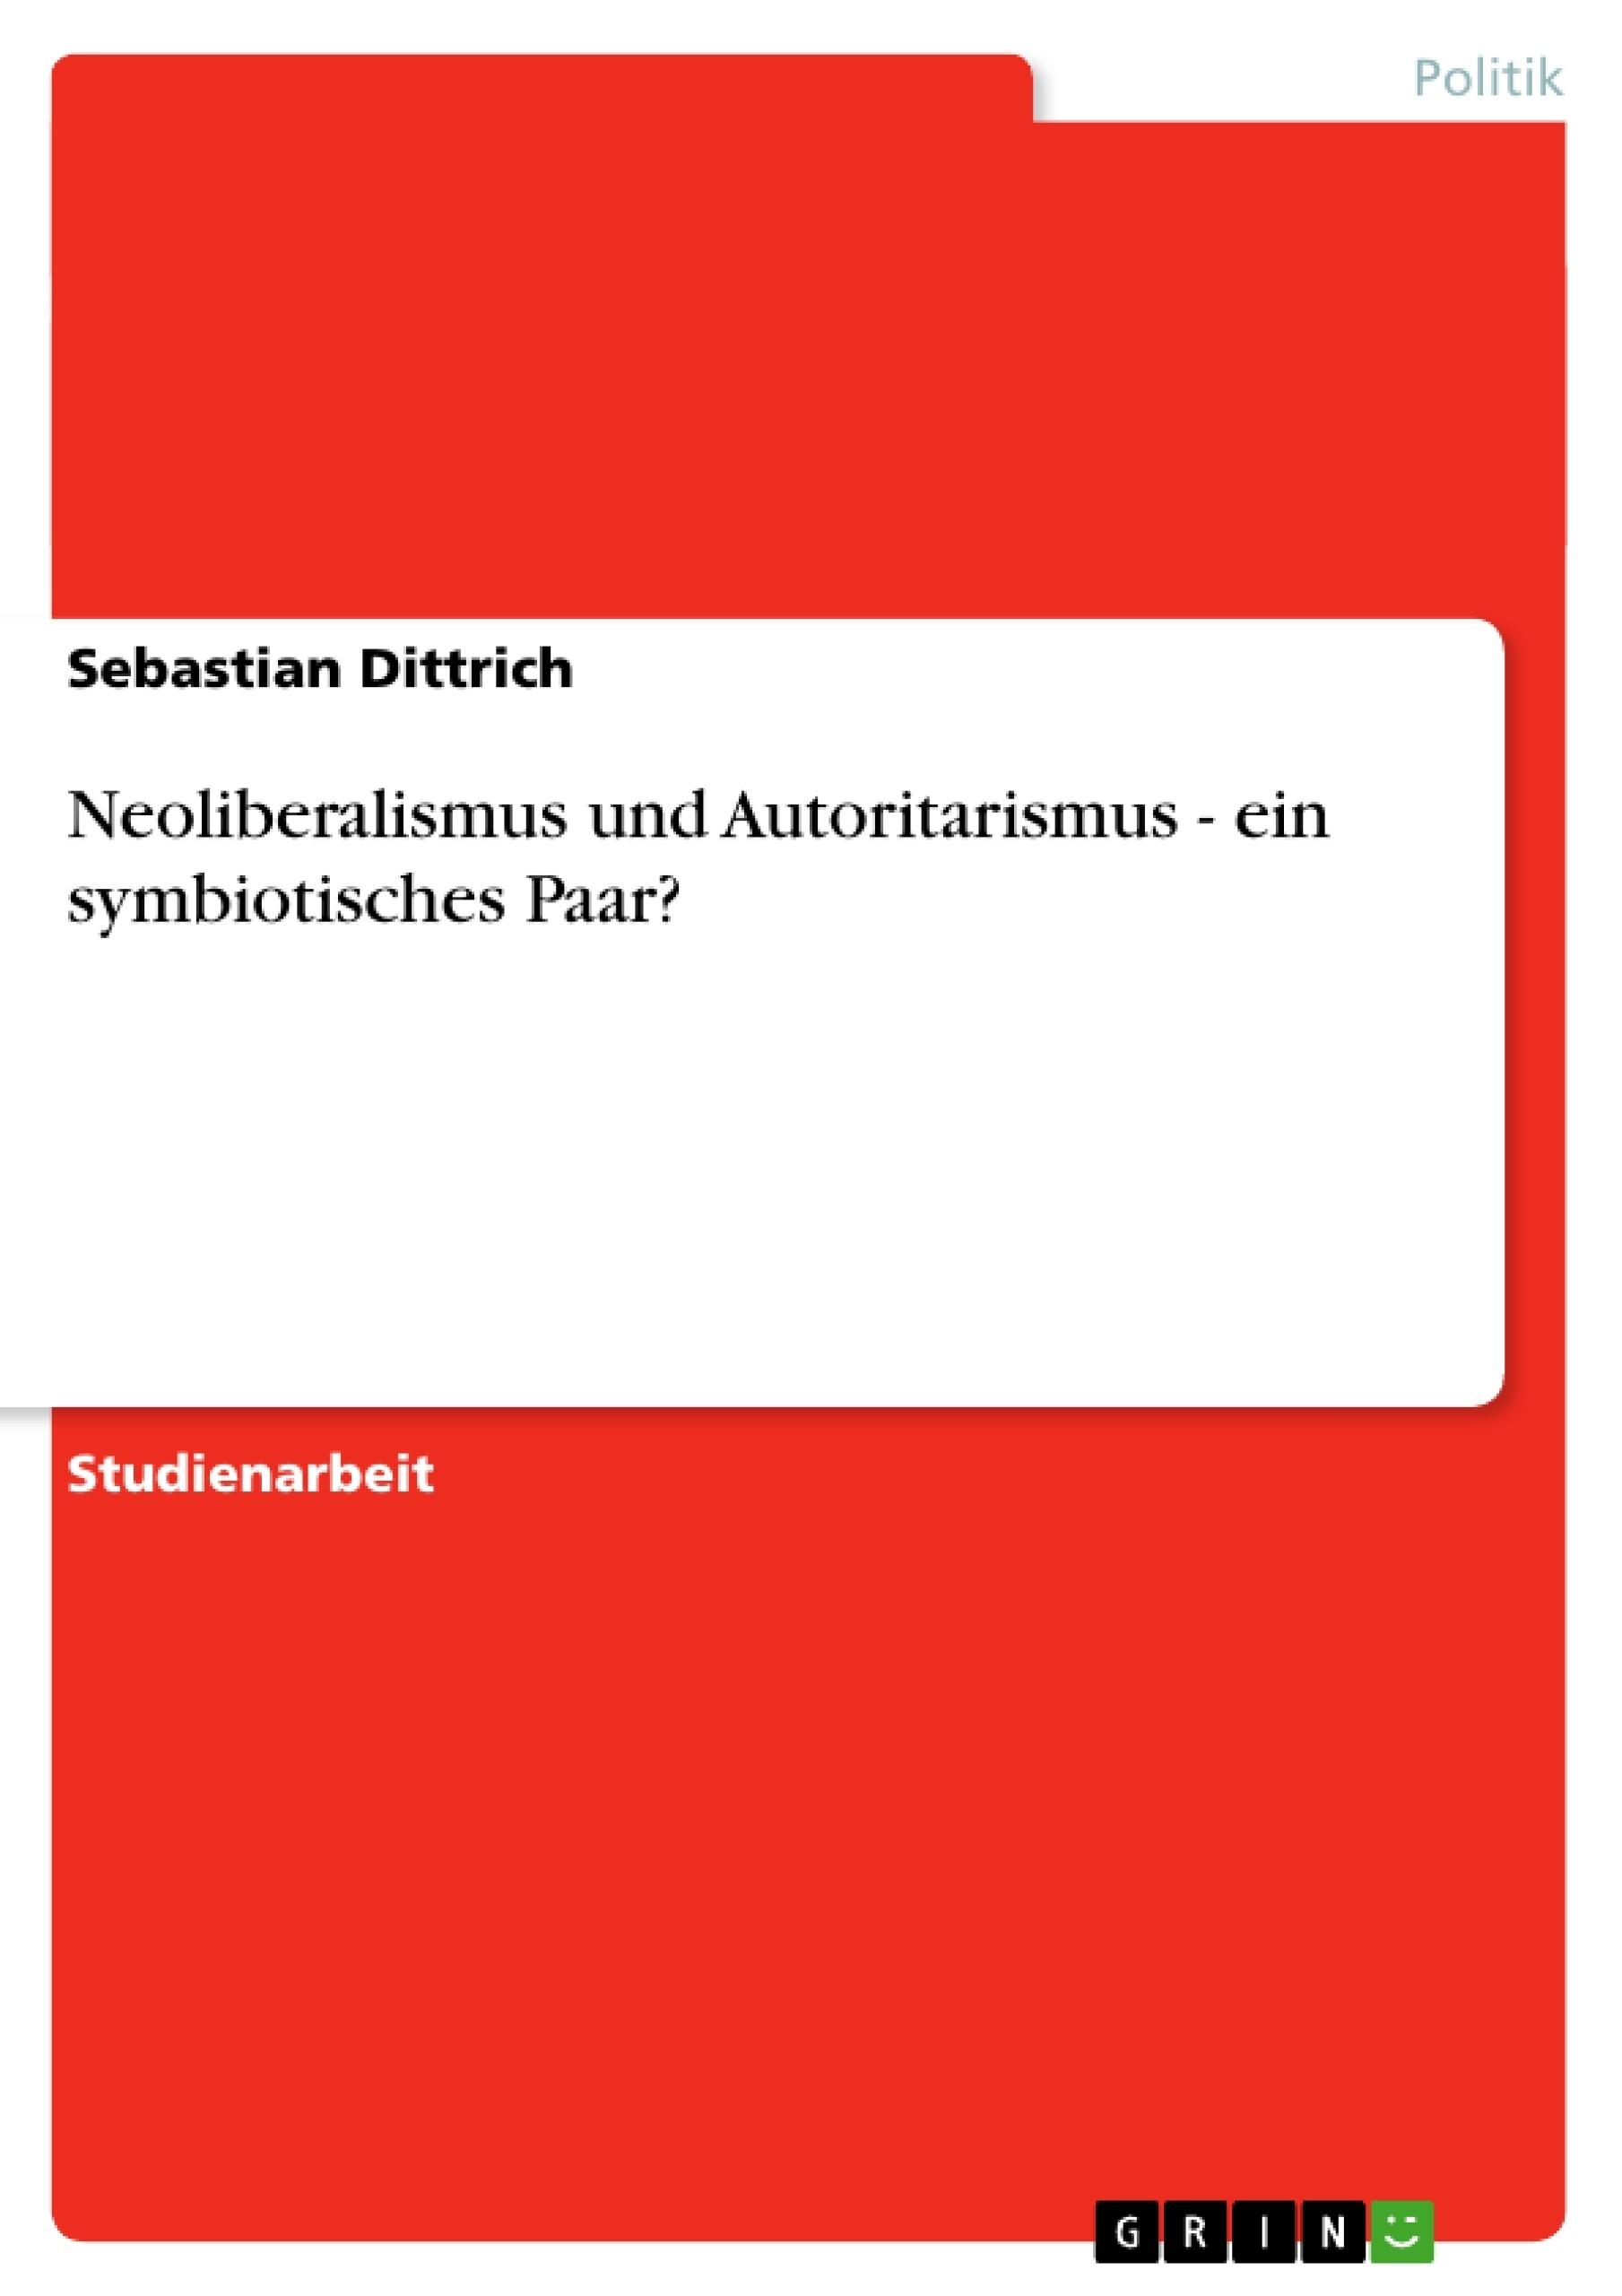 Titel: Neoliberalismus und Autoritarismus - ein symbiotisches Paar?